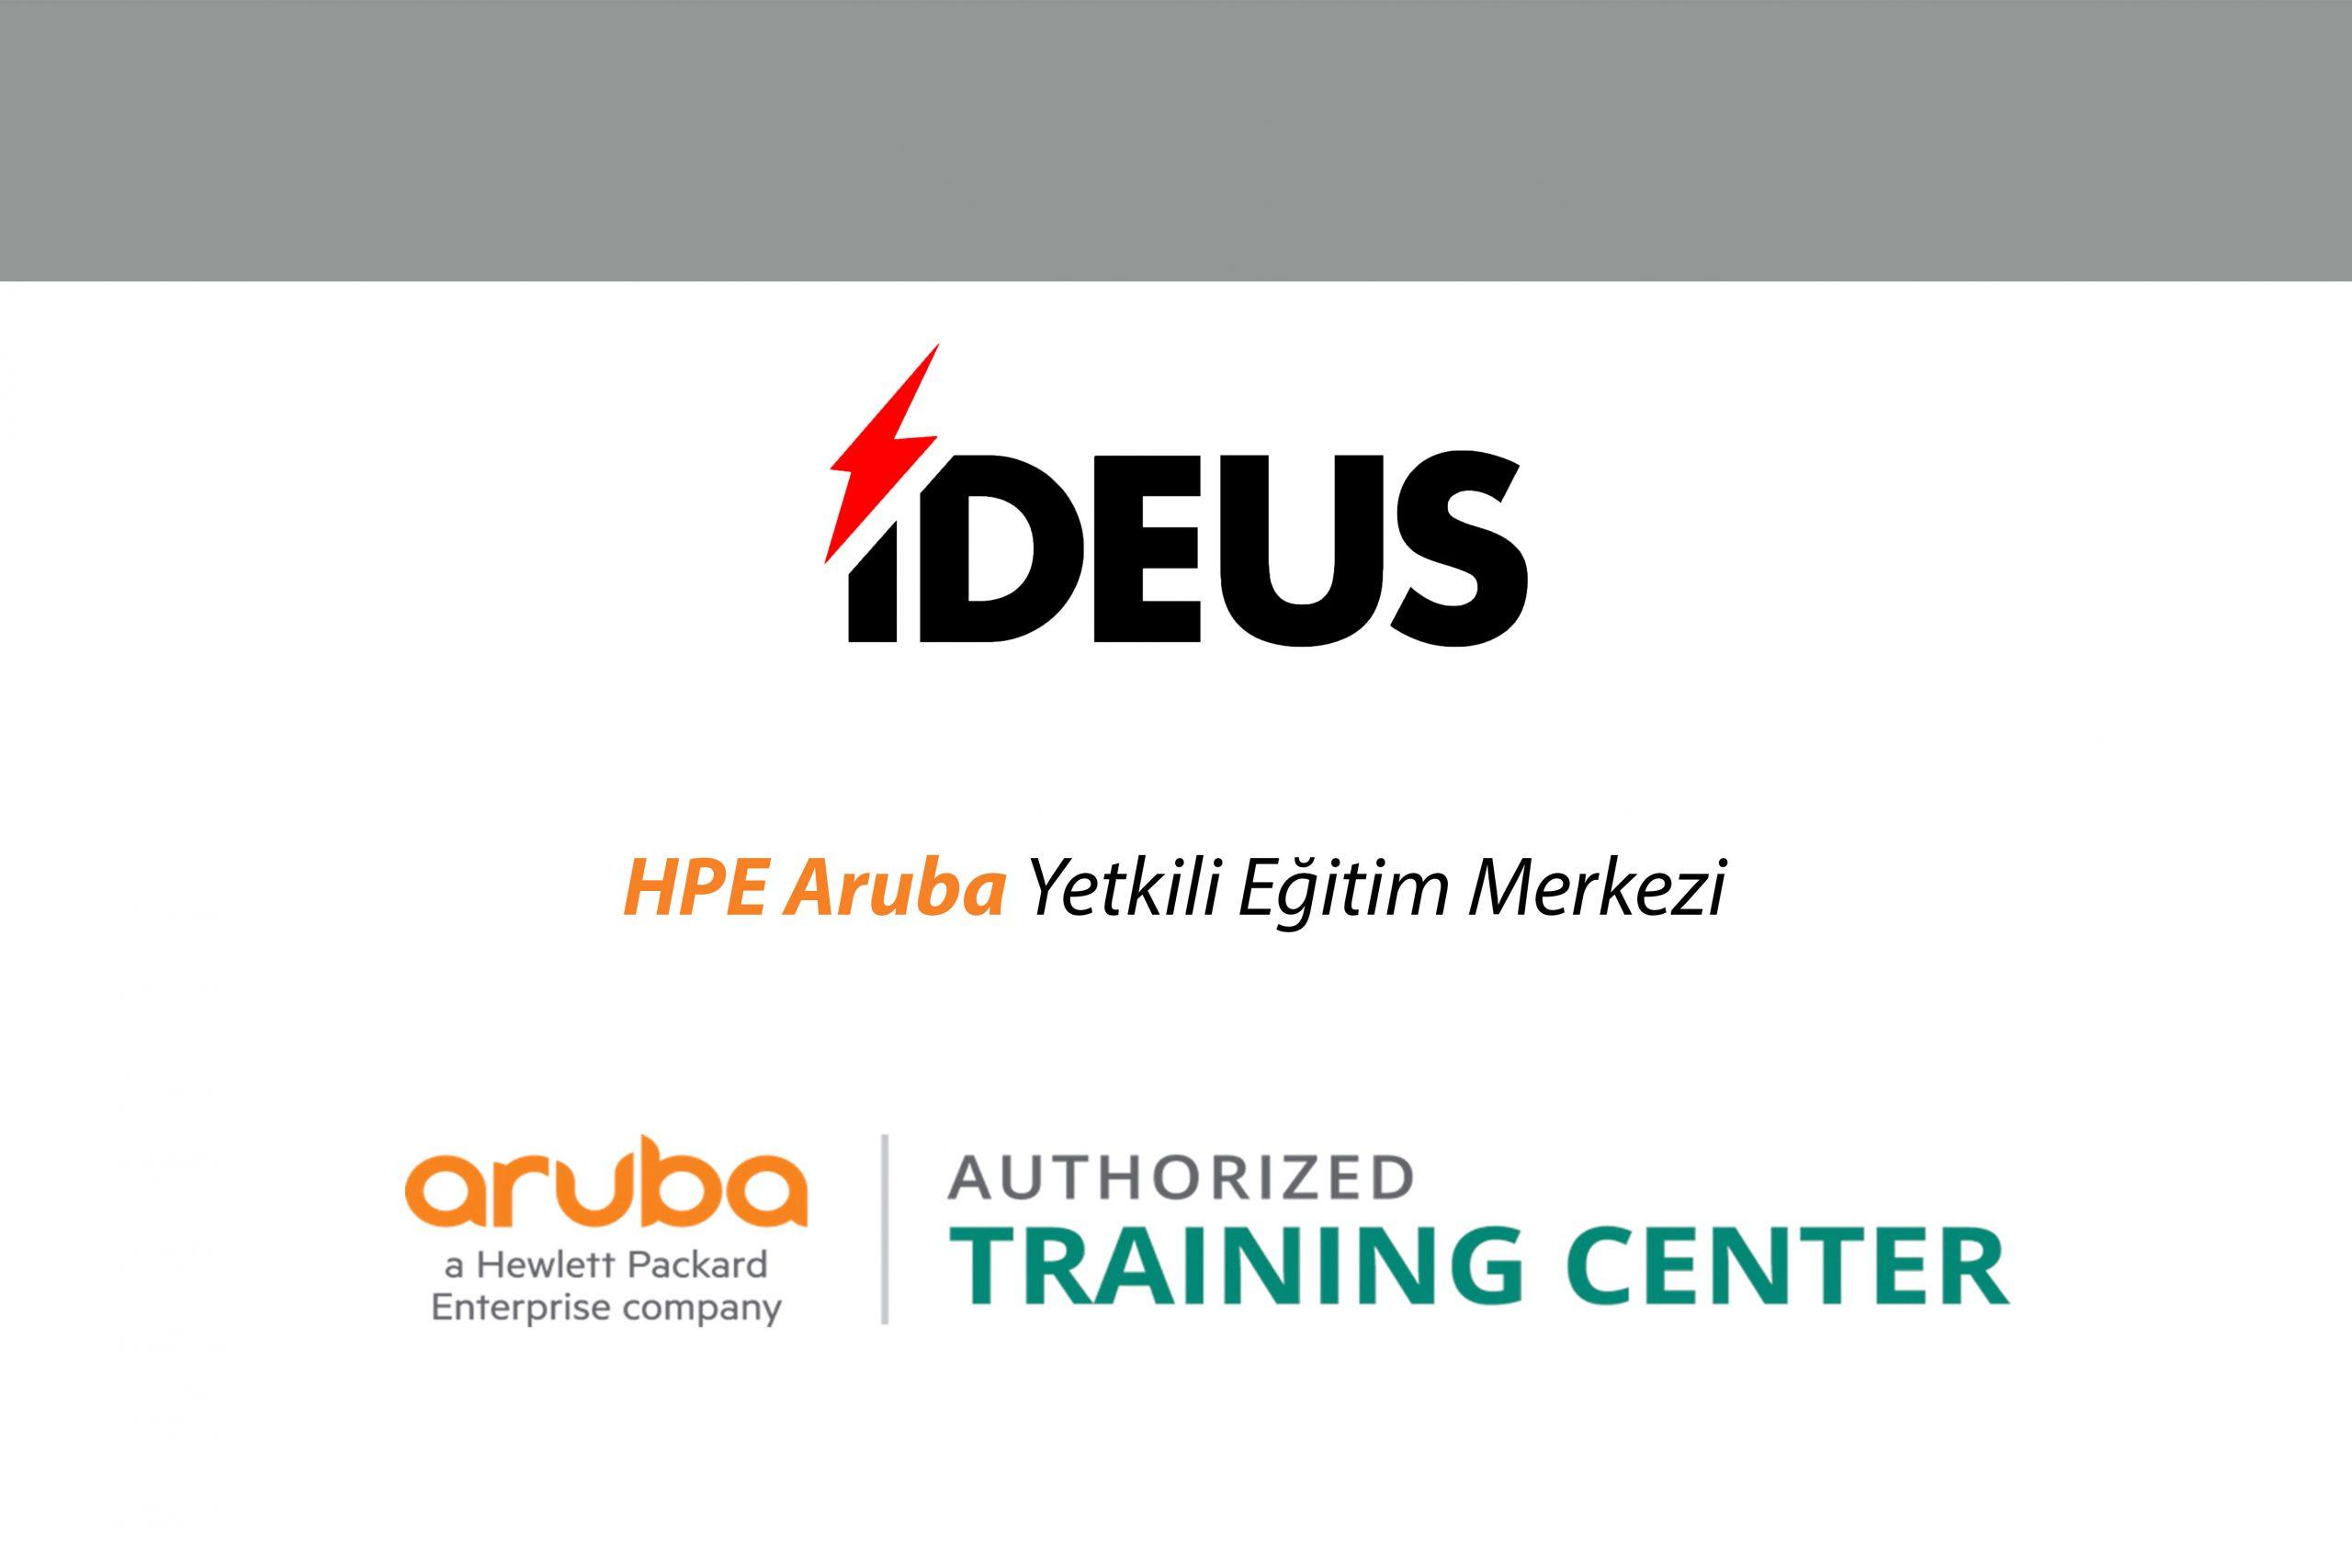 HPE Aruba Kablosuz ve kablolu ağ ürünleri, ClearPass yetkili eğitim merkezi.